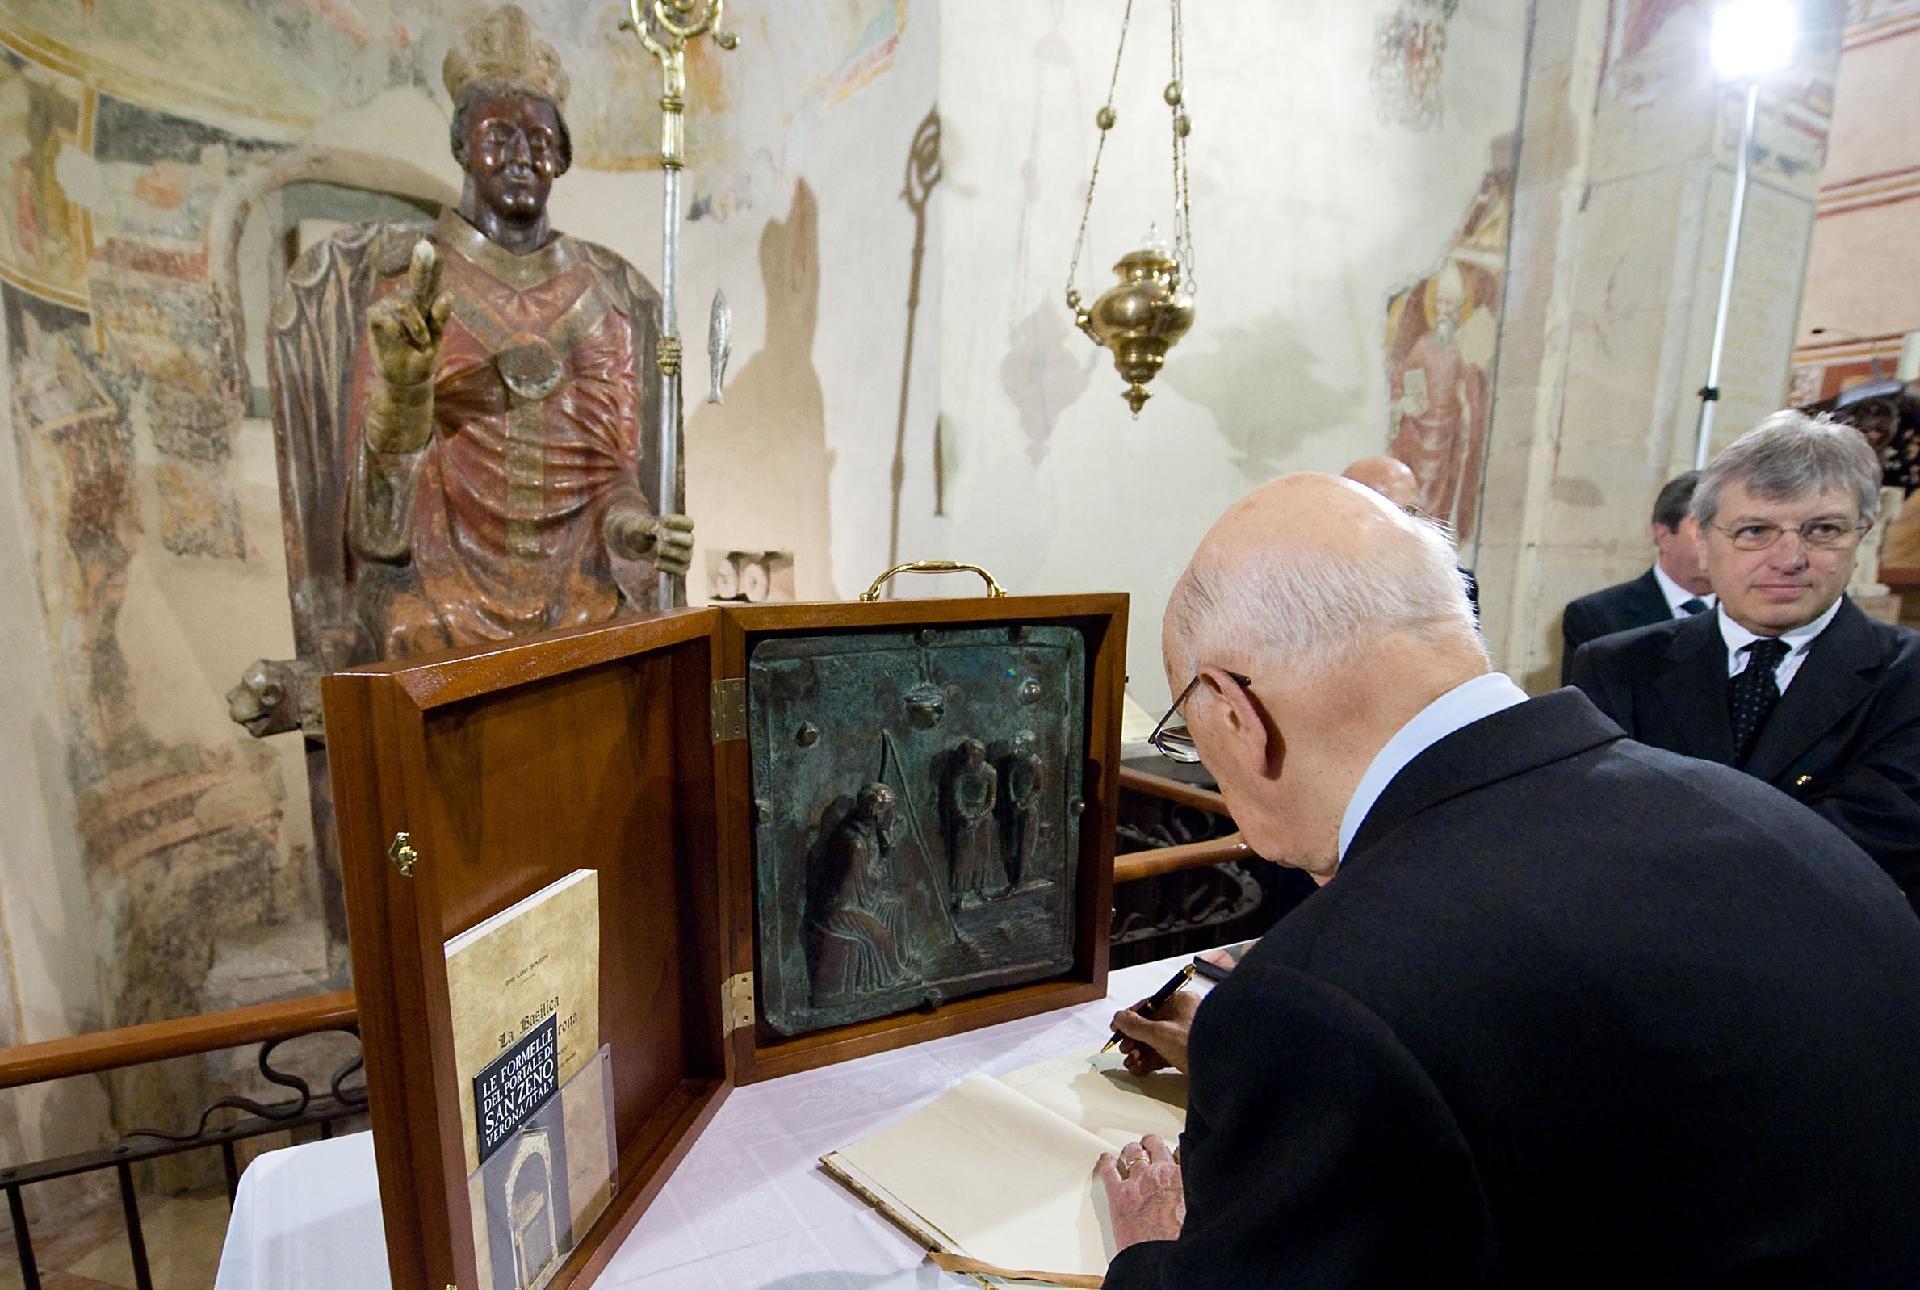 Il Presidente Giorgio Napolitano in visita alla Basilica di San Zeno